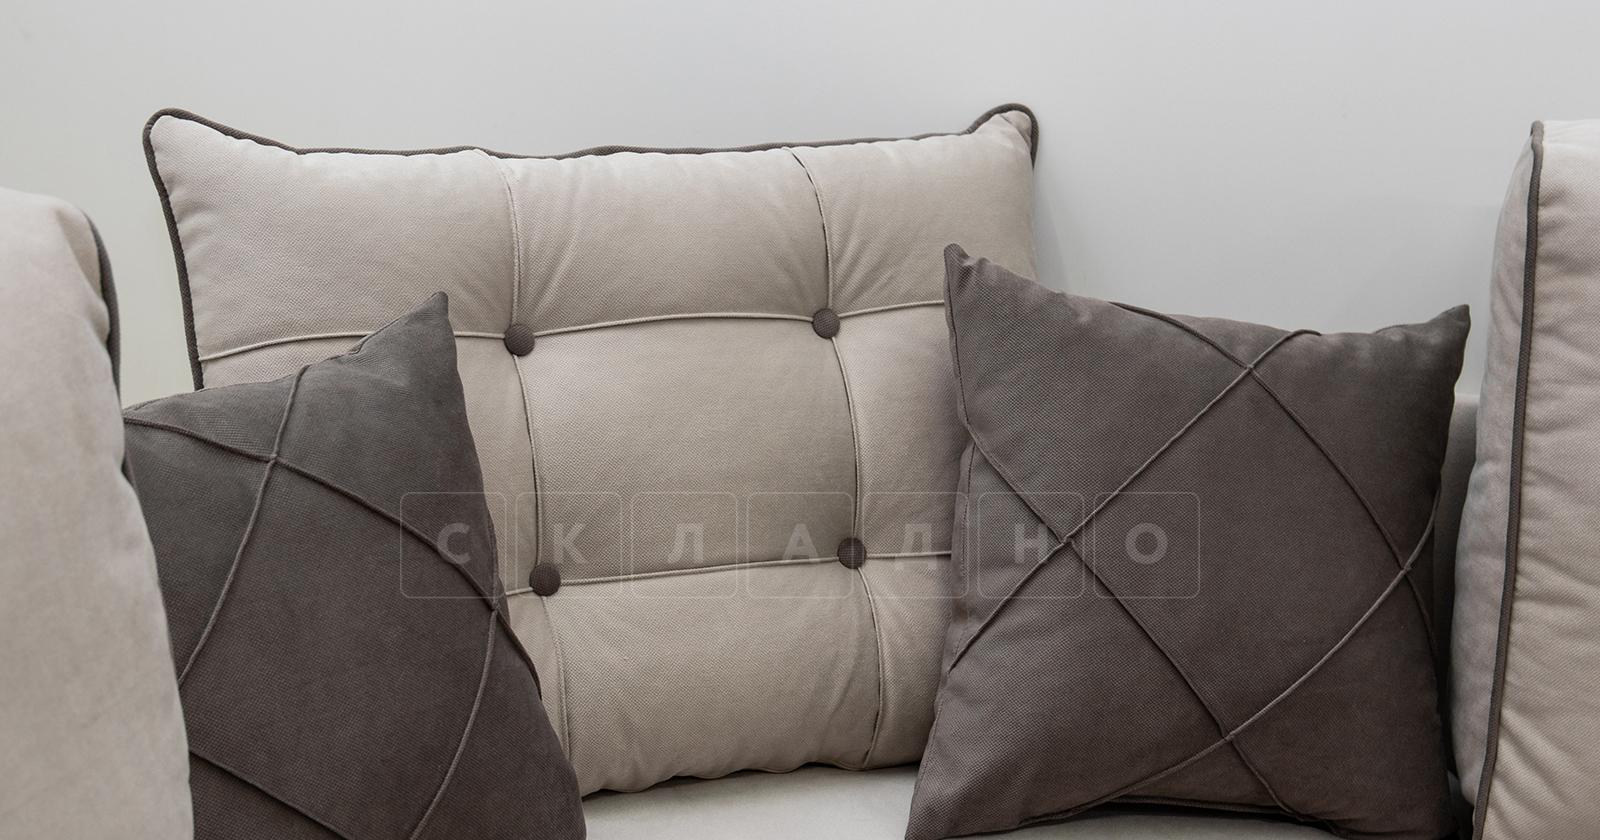 Диван-кровать угловой Флэтфорд серо-бежевый фото 11 | интернет-магазин Складно